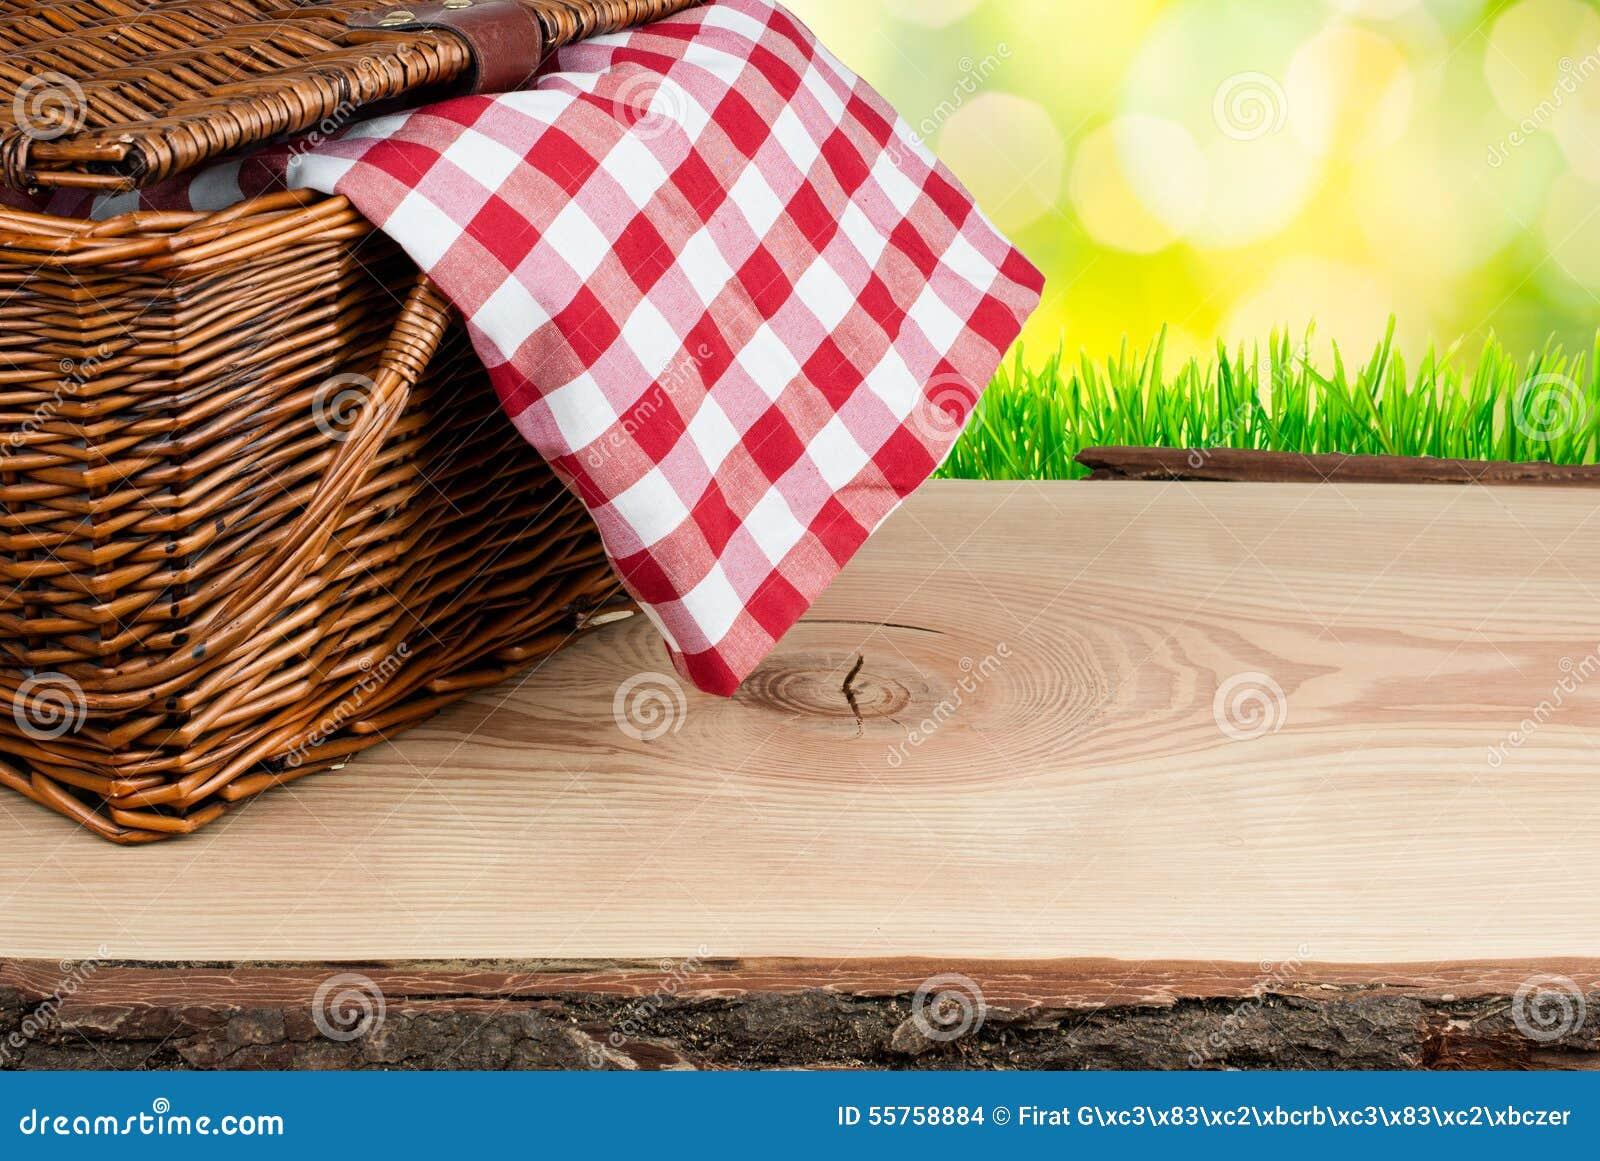 Il canestro di picnic sulla tavola con controllato copre